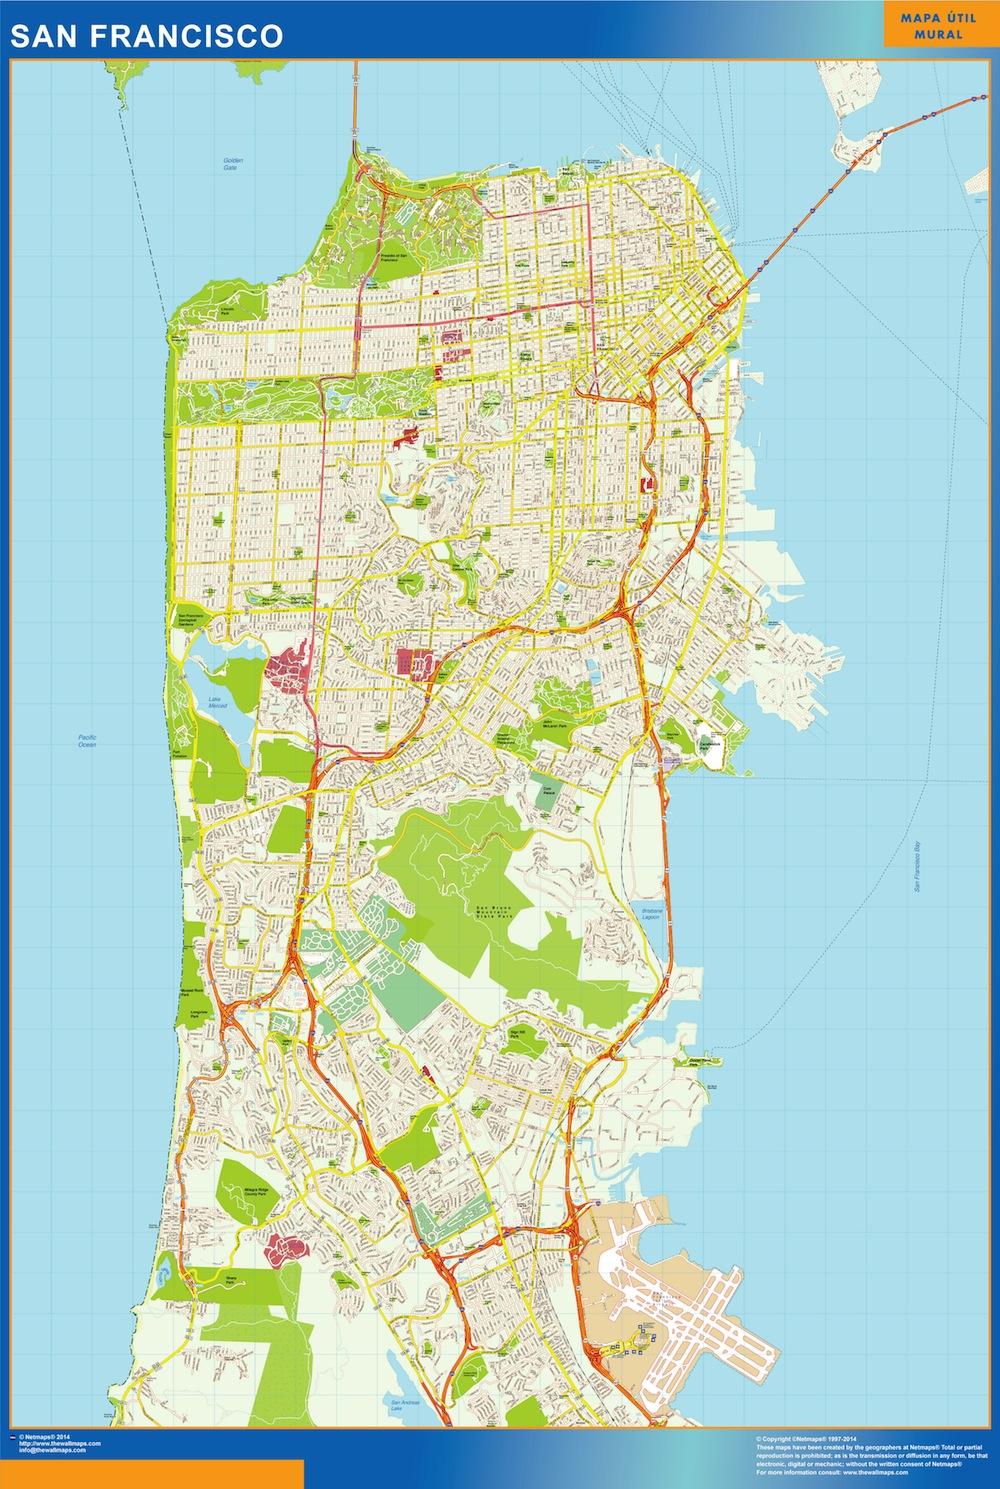 Mapa De San Francisco.Mapa De San Francisco Plastificado Plastificado